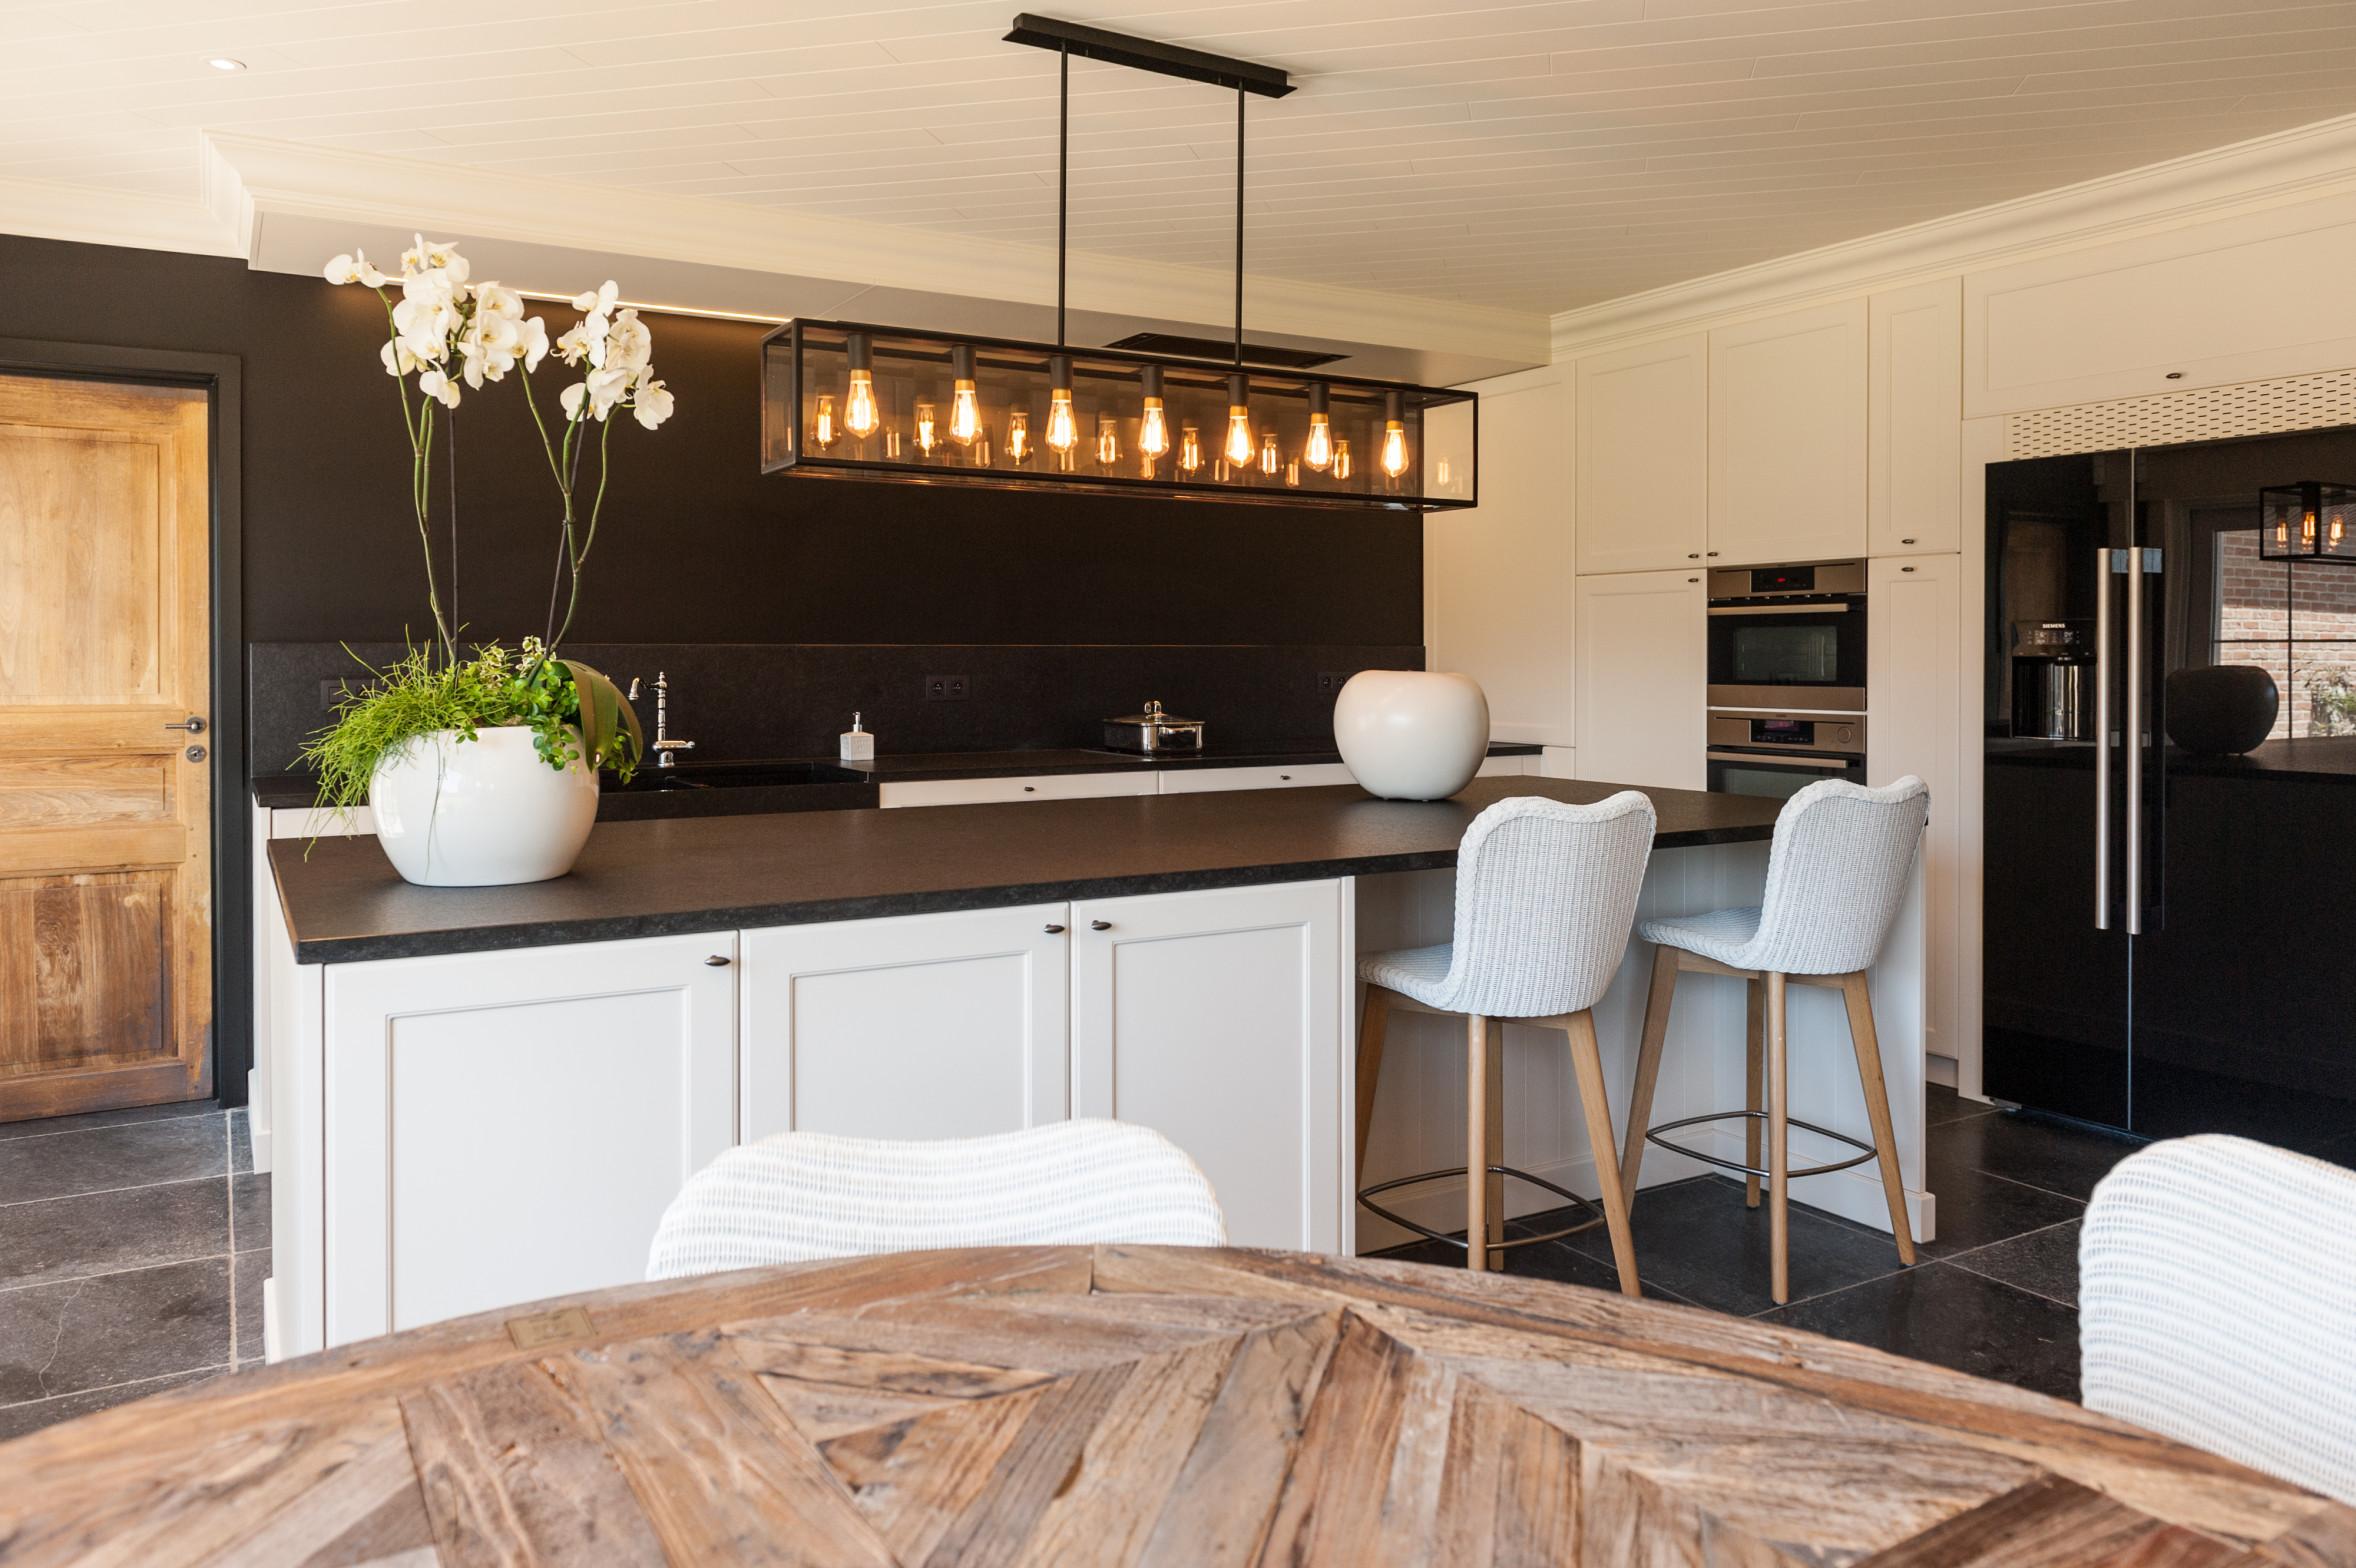 24 landelijke keuken houten deur lak graniet.jpg